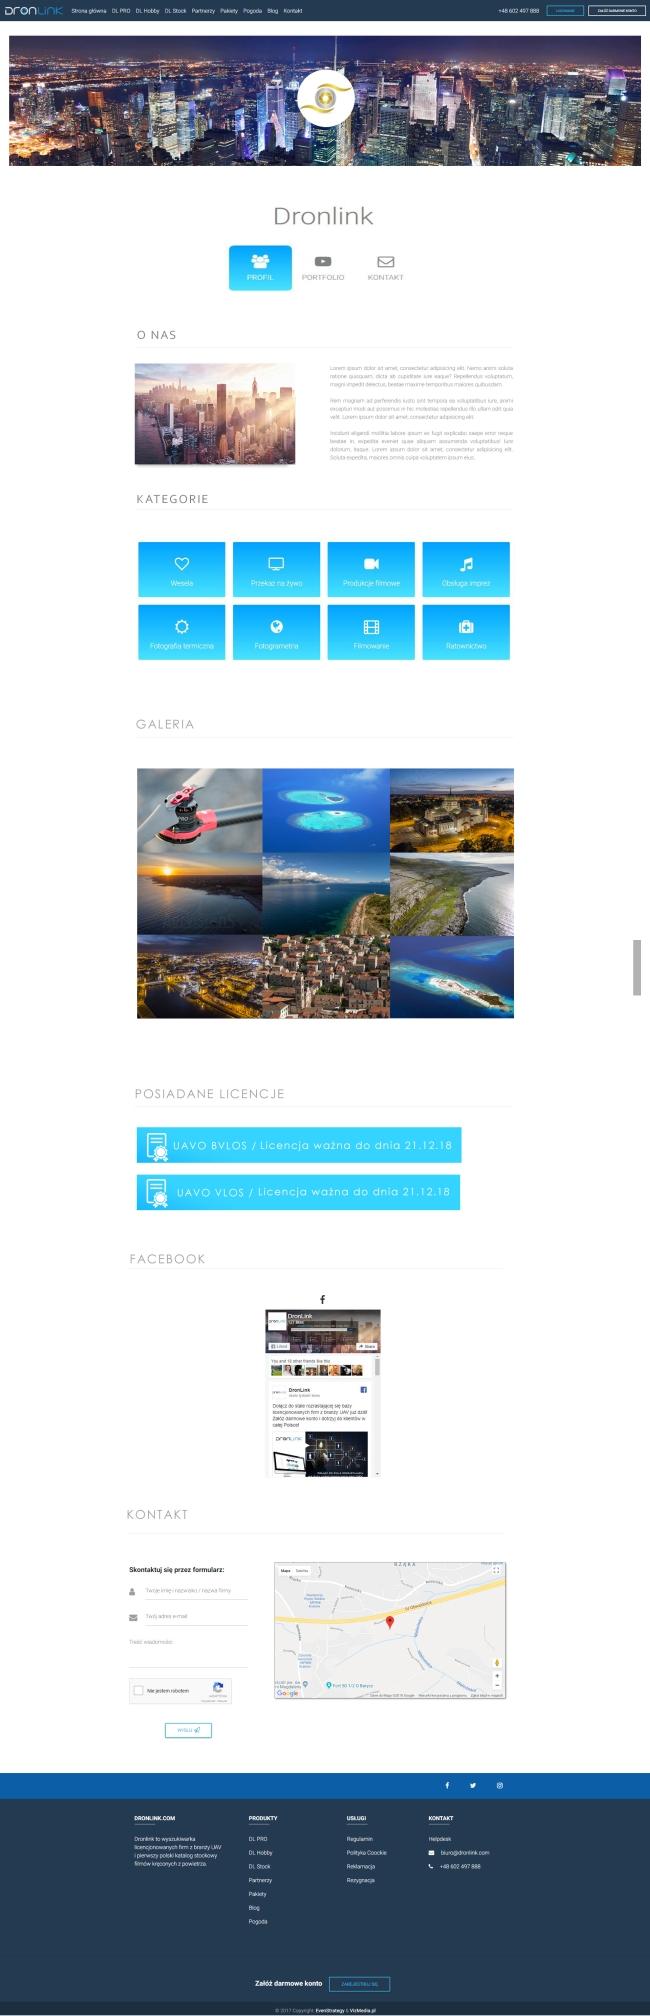 Dronlink.com - wizytówka firmy w serwisie dronlink.com